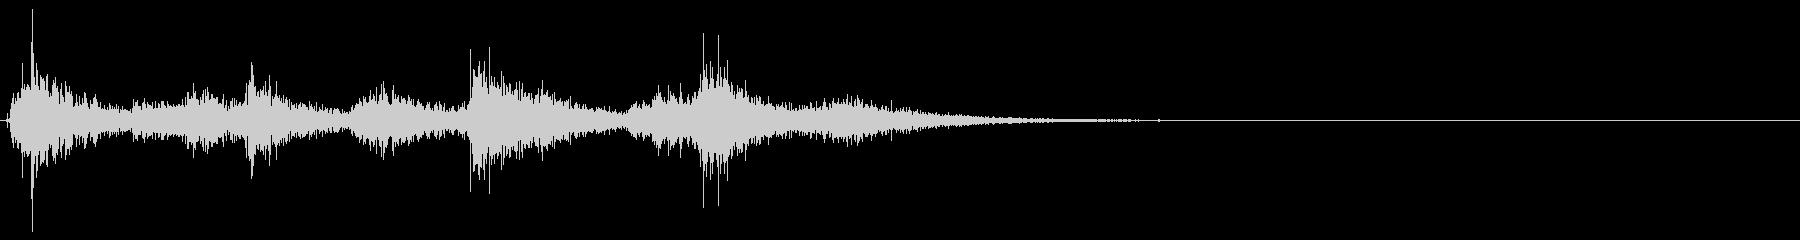 クラップ・オープニング・ジングル・CMの未再生の波形